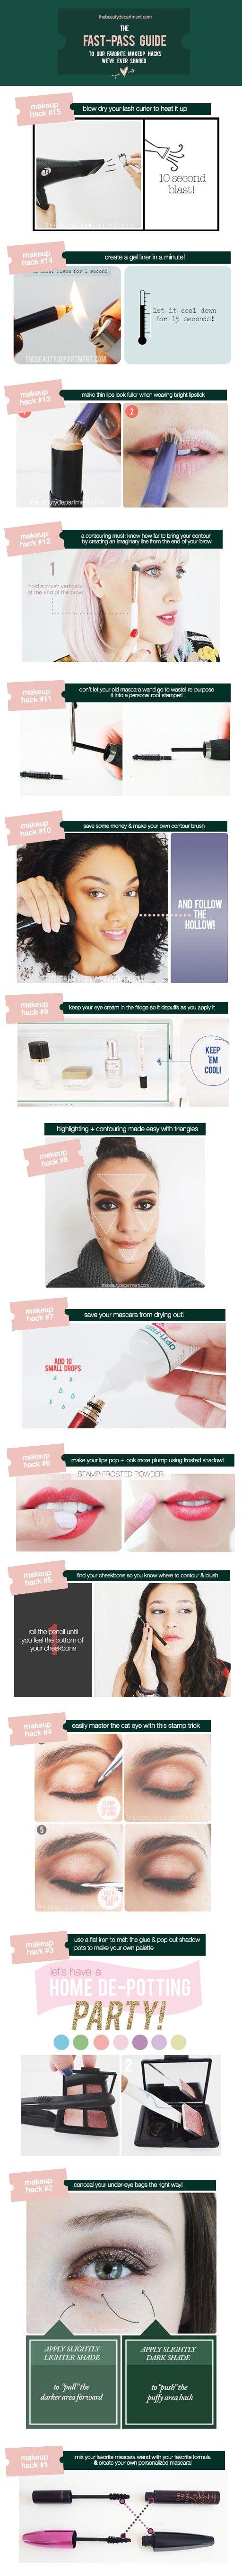 Our Top 15 Makeup Hacks!: Our Top 15 Makeup Hacks!